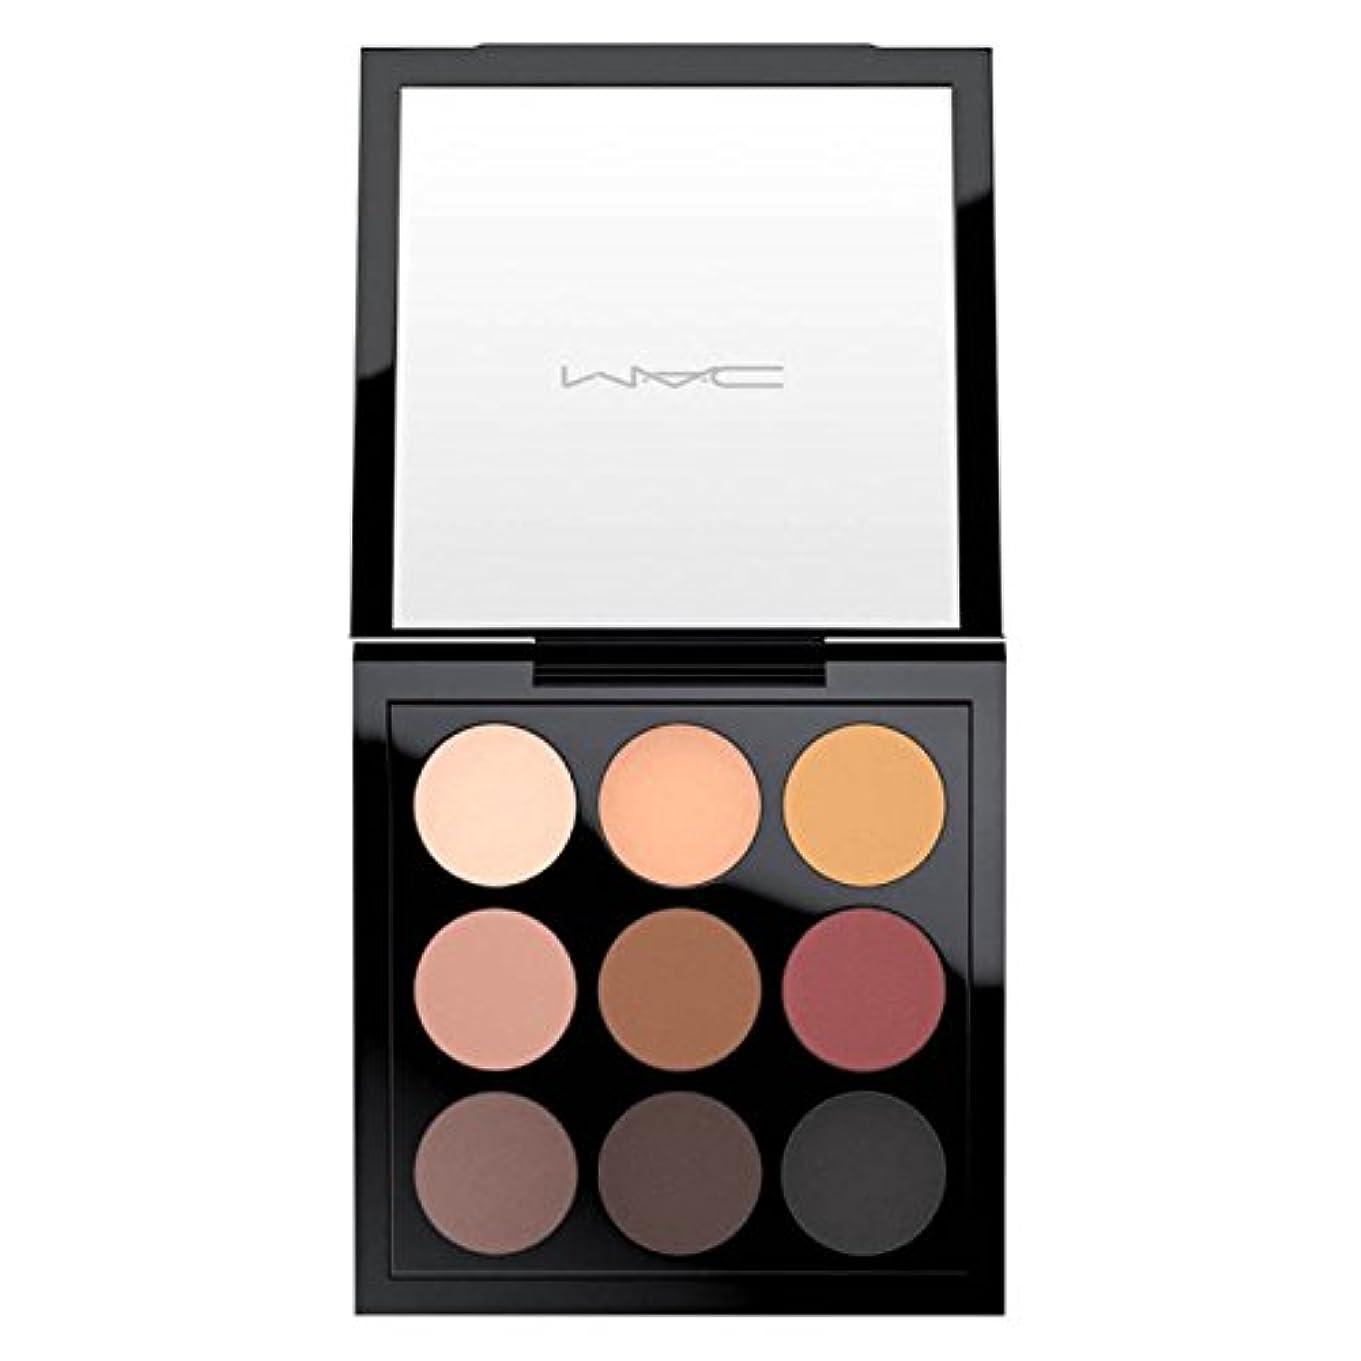 シャイ類推レトルトM.A.C ?マック, Semi-Sweet Times Nine Eyeshadow Palette セミスウィートタイムズナインアイシャドウパレット [海外直送品] [並行輸入品]